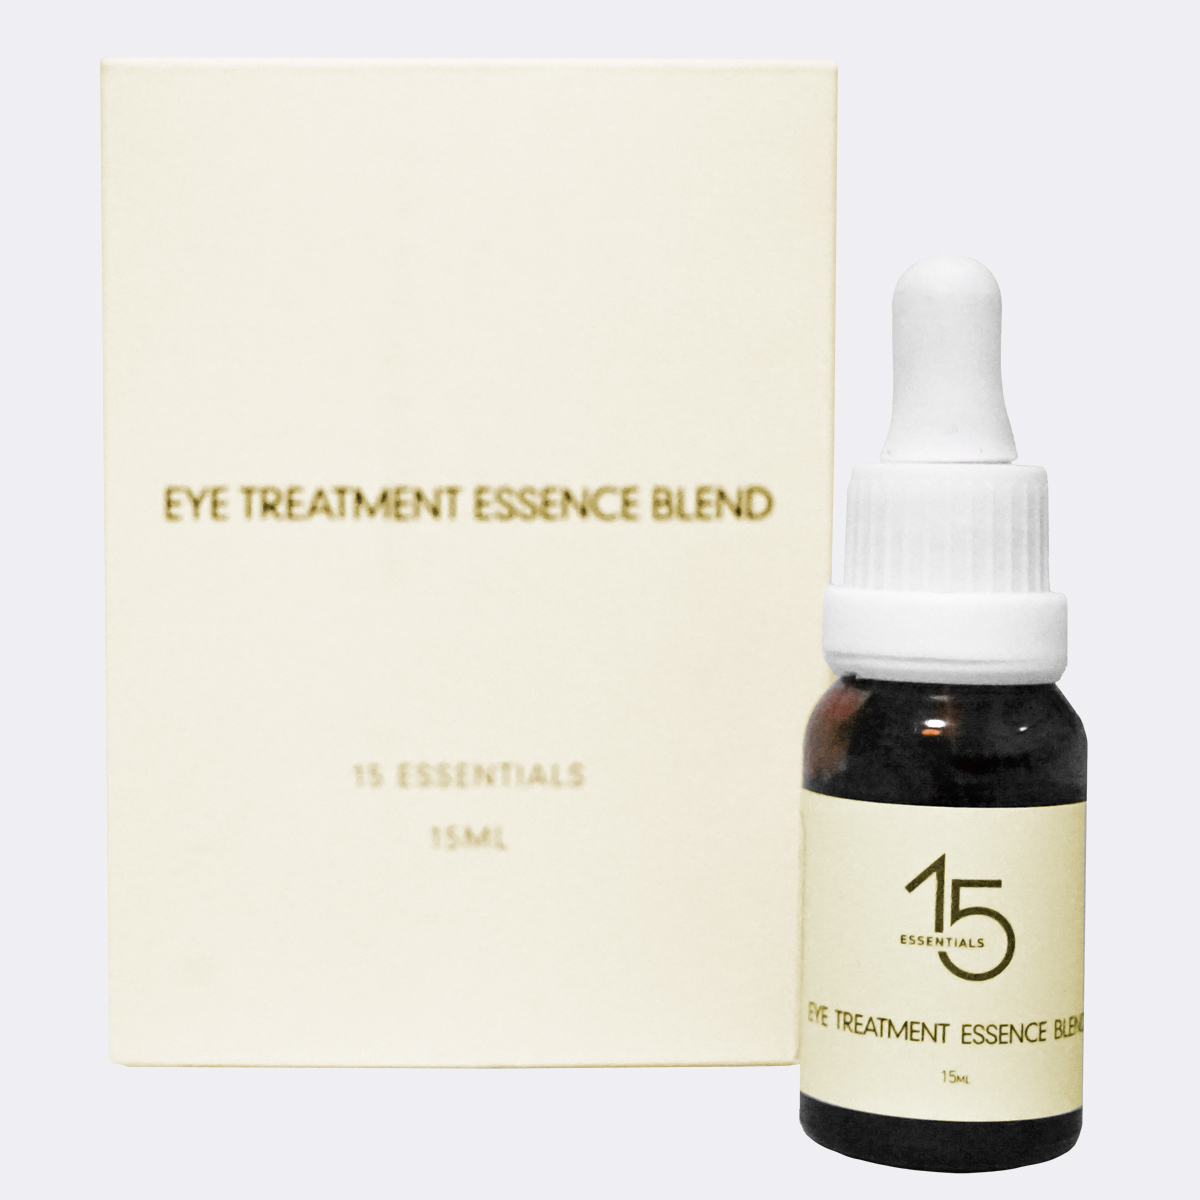 十五元素 15ml  德系眼部精华油 15ESSENTIALS